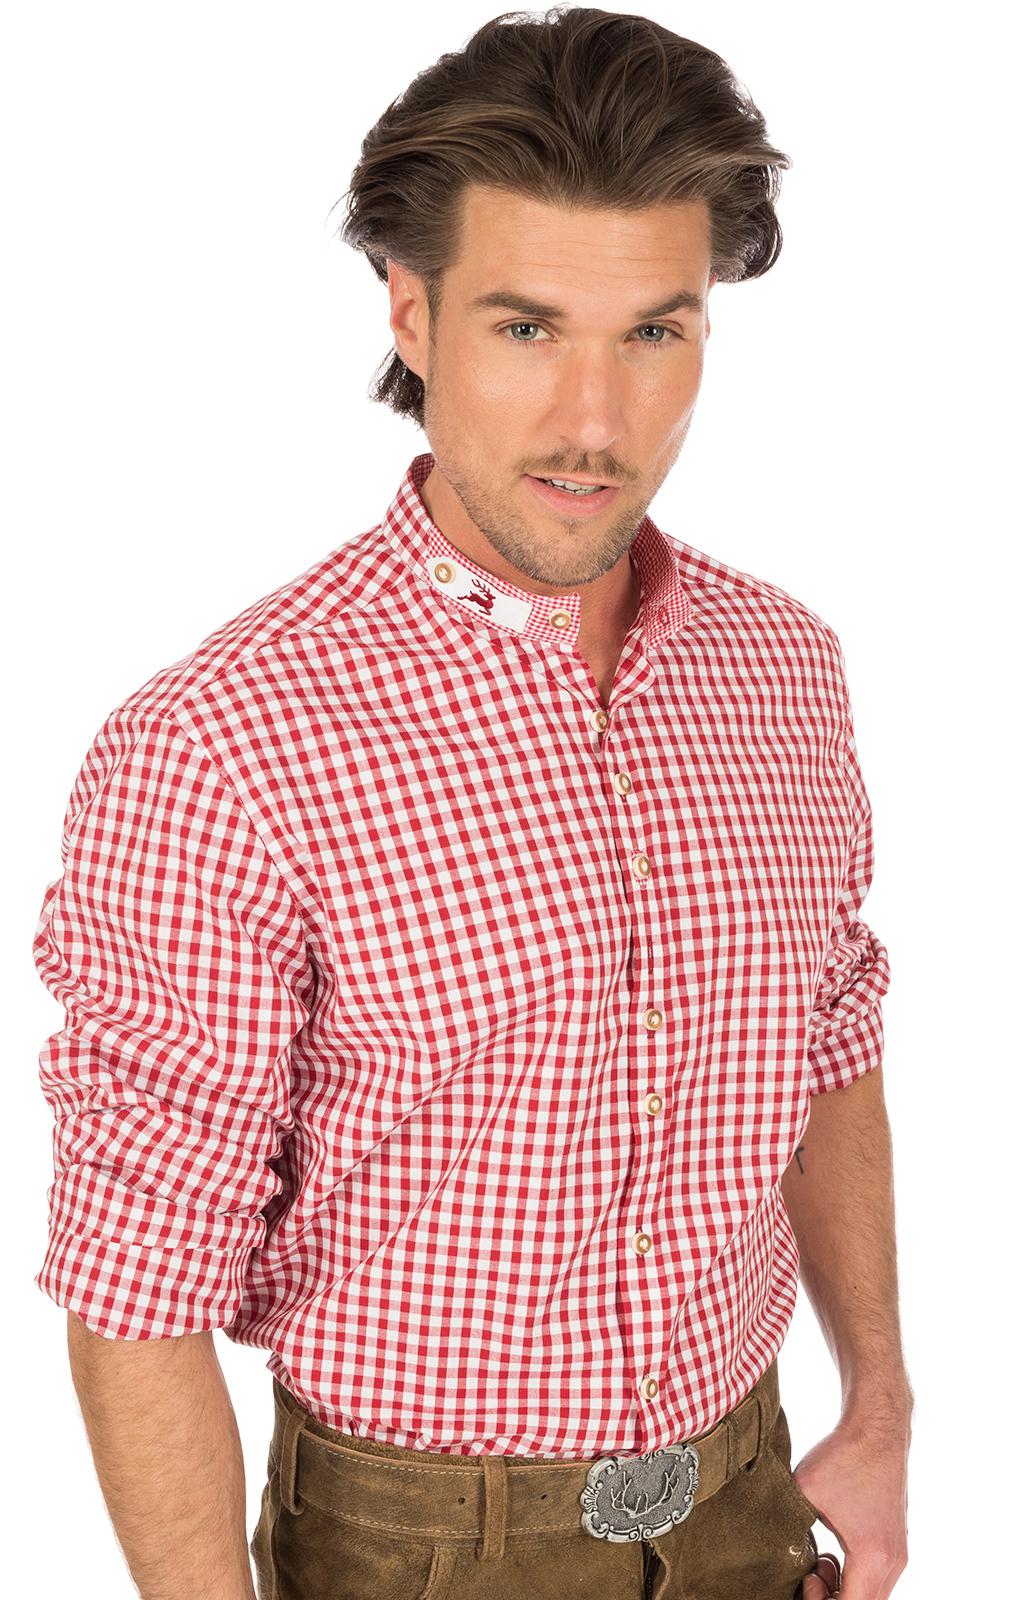 Trachtenhemd IRANO Stehkragen rot weiss von OS-Trachten